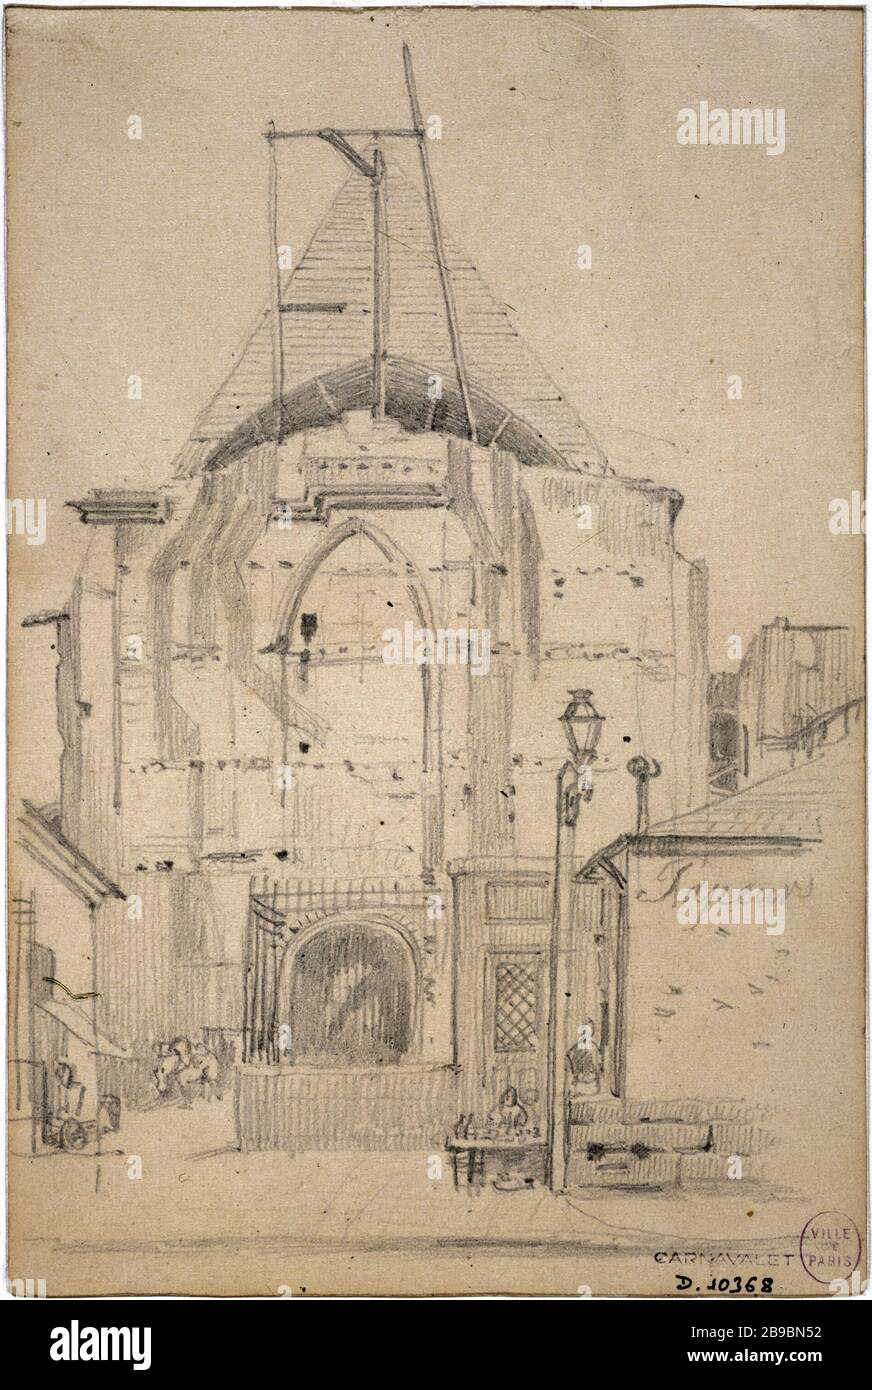 ANCIENNE PORTE DE L'ÉGLISE DE L'ABBAYE DE SAINT-MARTIN-DES-CHAMPS APRS7S LA DÉMOLITION DU BÂTIMENT QUI A ÉTÉ SOUTENUE - 19 SEPTEMBRE 1853 CHARLES FICHAUD (1817-1903). 'Ancien portrait de l'église de l'abbaye de Saint-Martin-des-champs après la disparition du bâtiment qui a été fleuri, 19 septembre 1853'. Dessert. Paris, musée Carnavalet. Banque D'Images